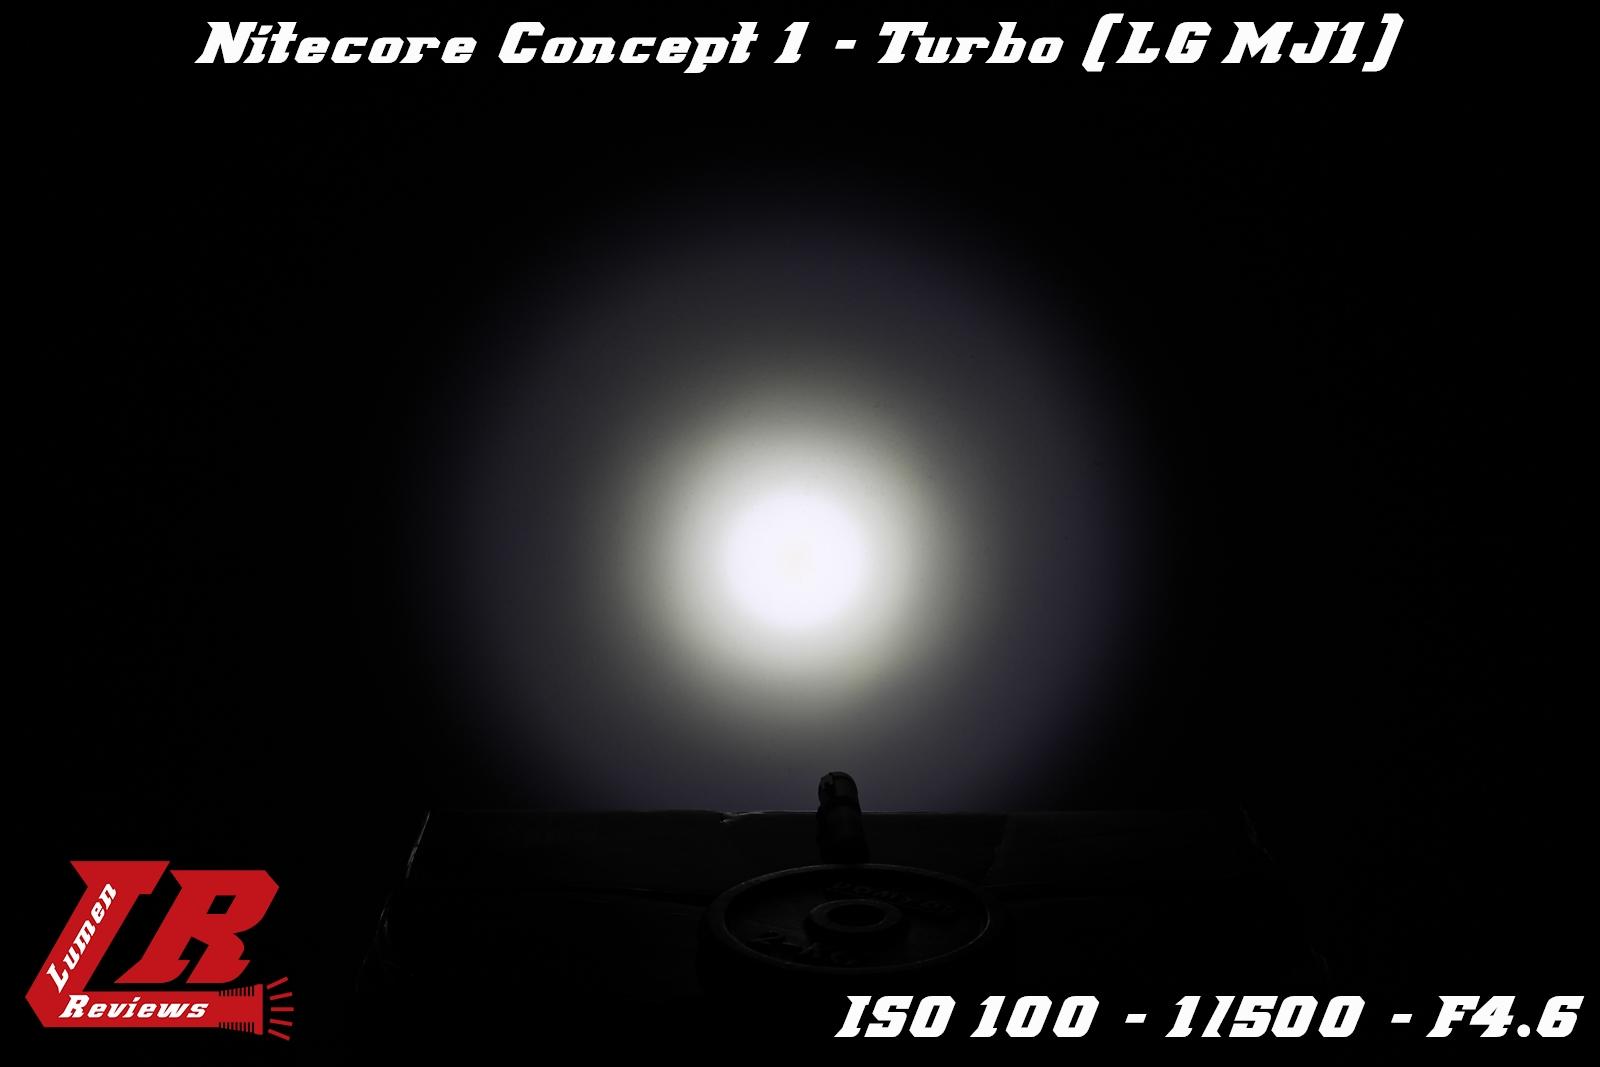 Nitecore Concept 1 16